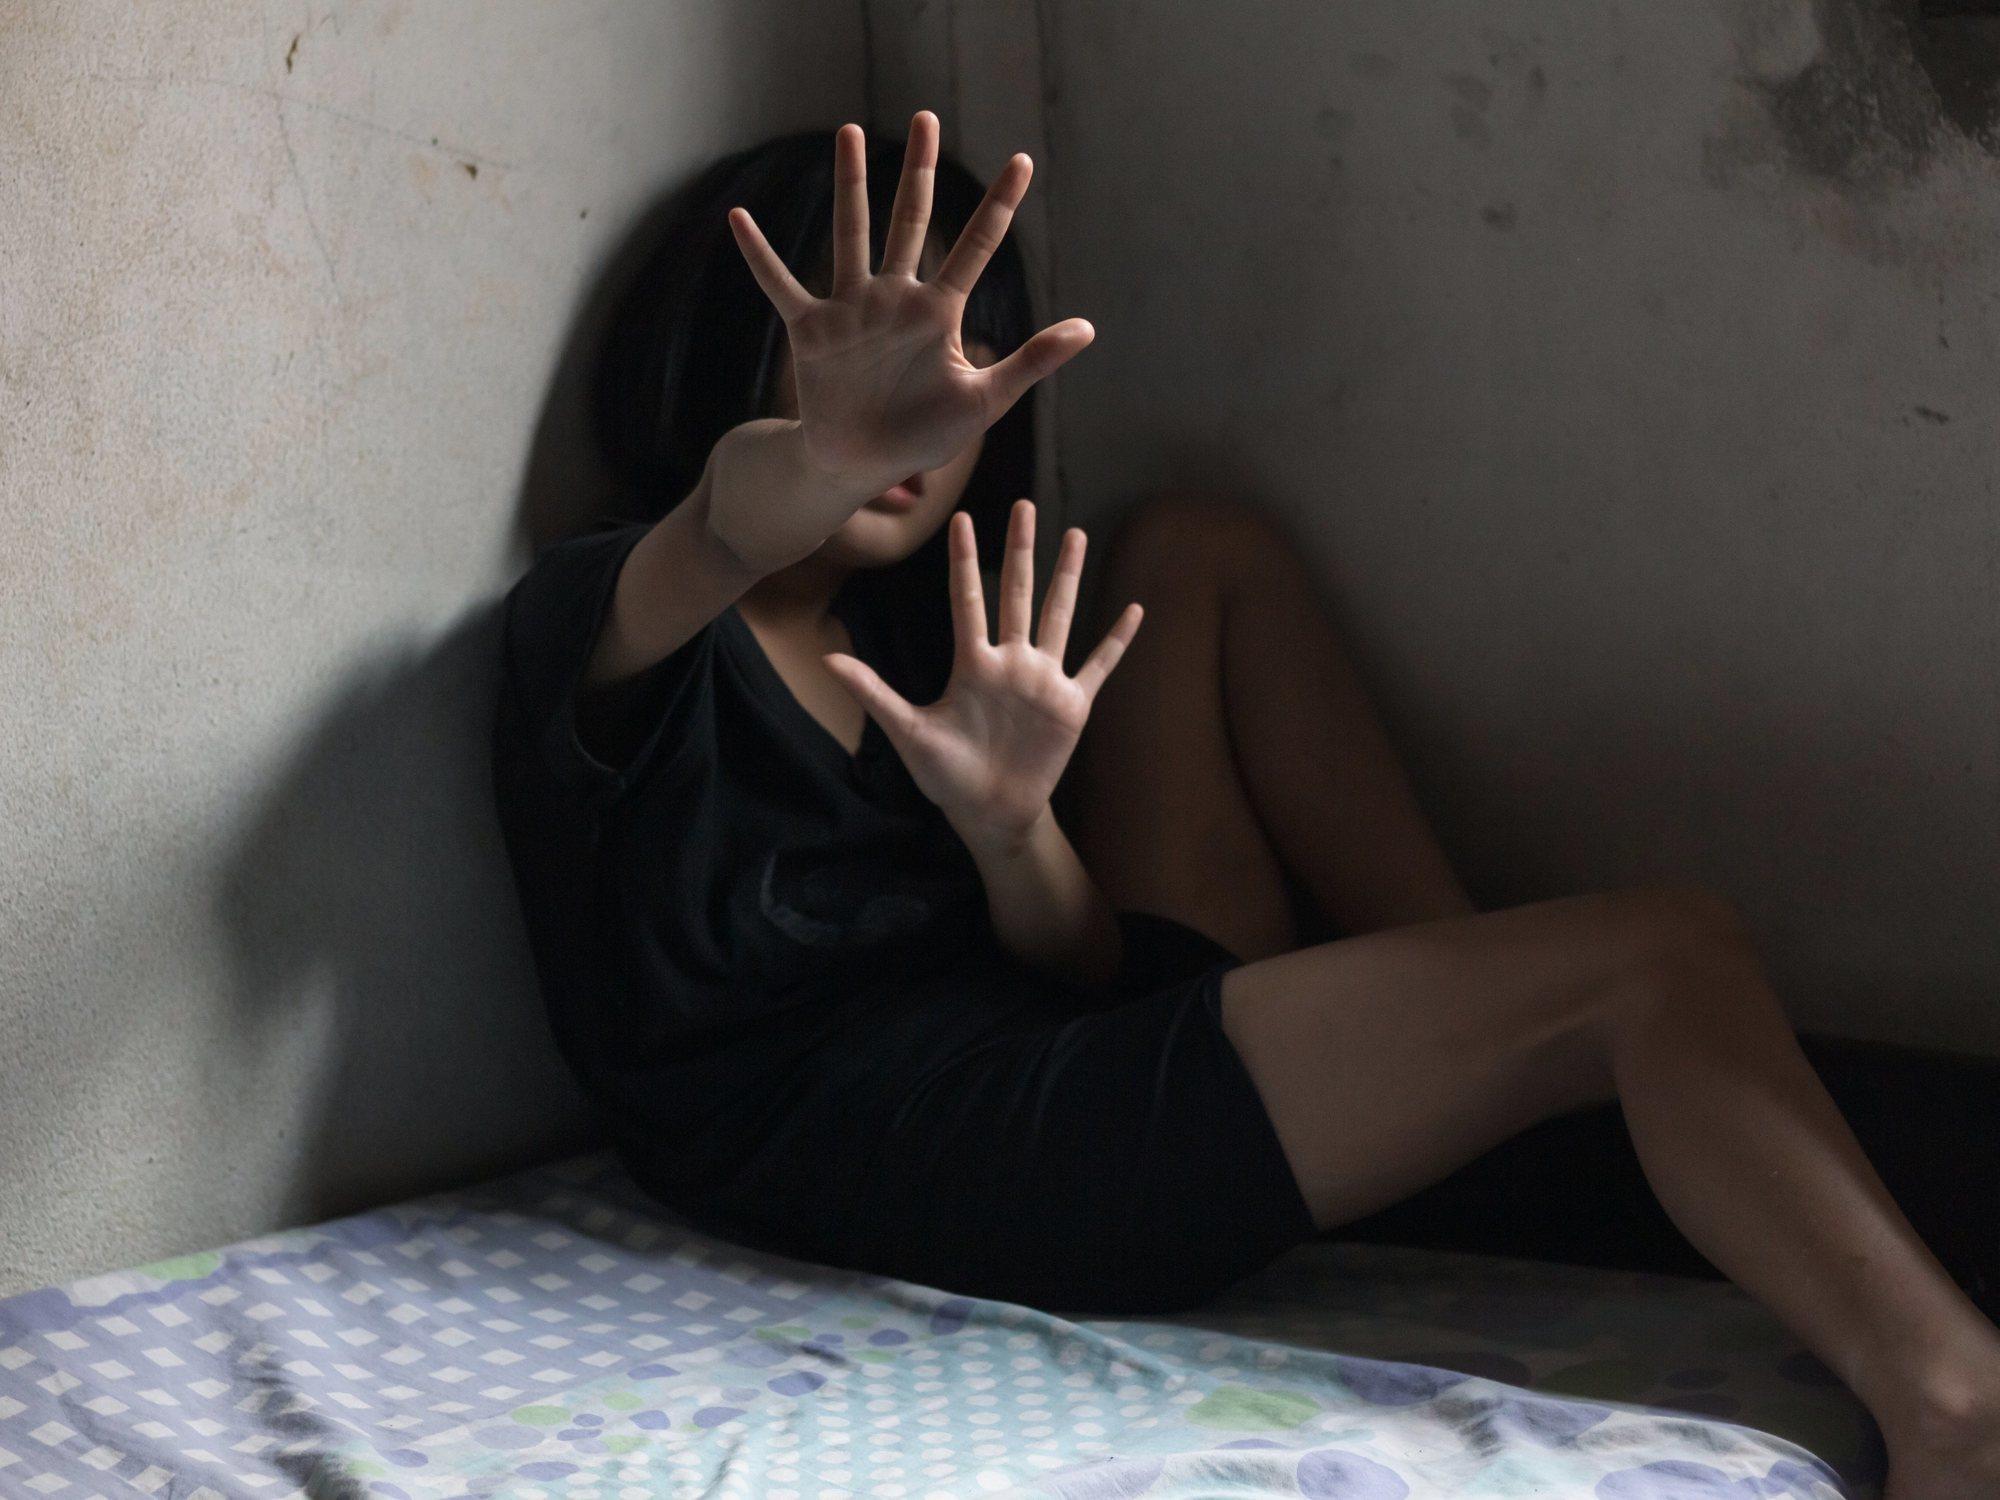 Una mujer apuñala a los tres hombres que estaban violando a su hija y mata a uno de ellos